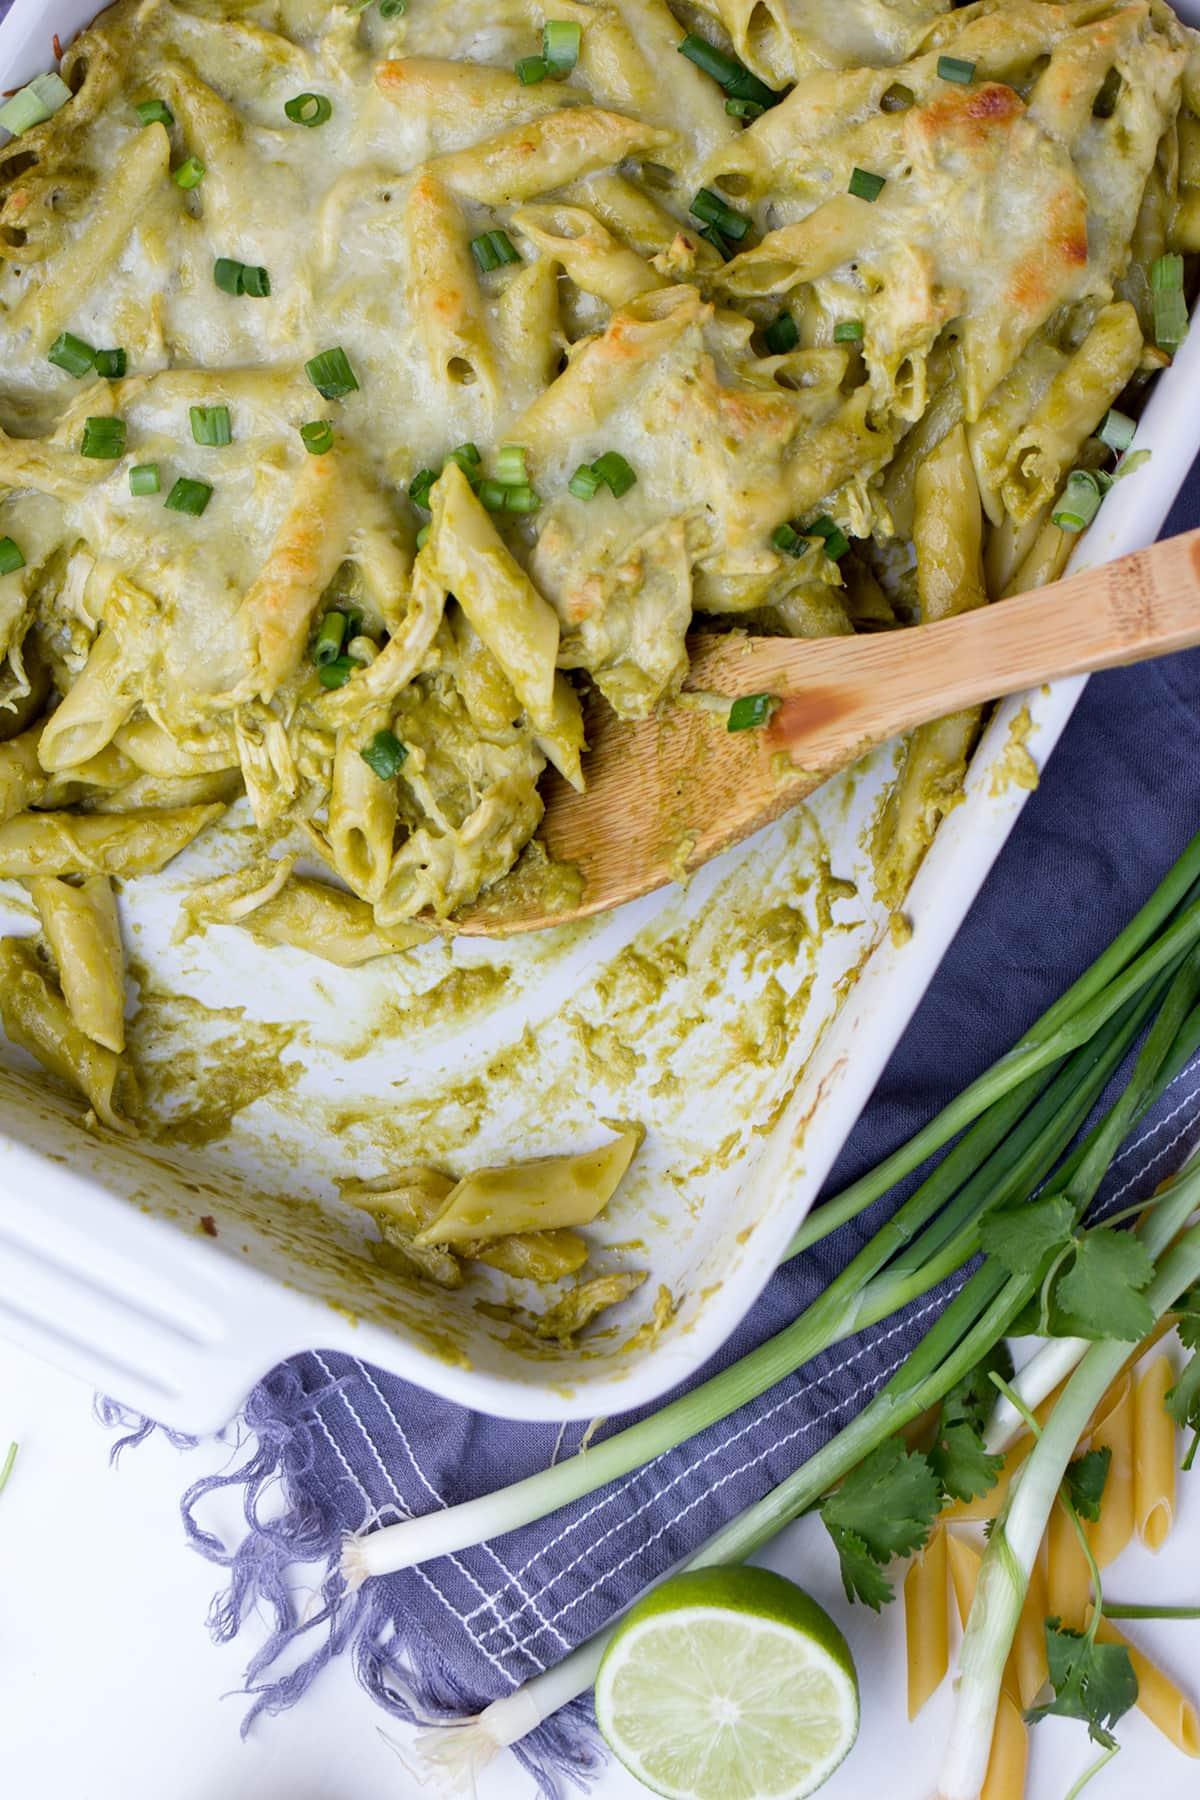 Chicken Chile Pasilla Pasta Casserole